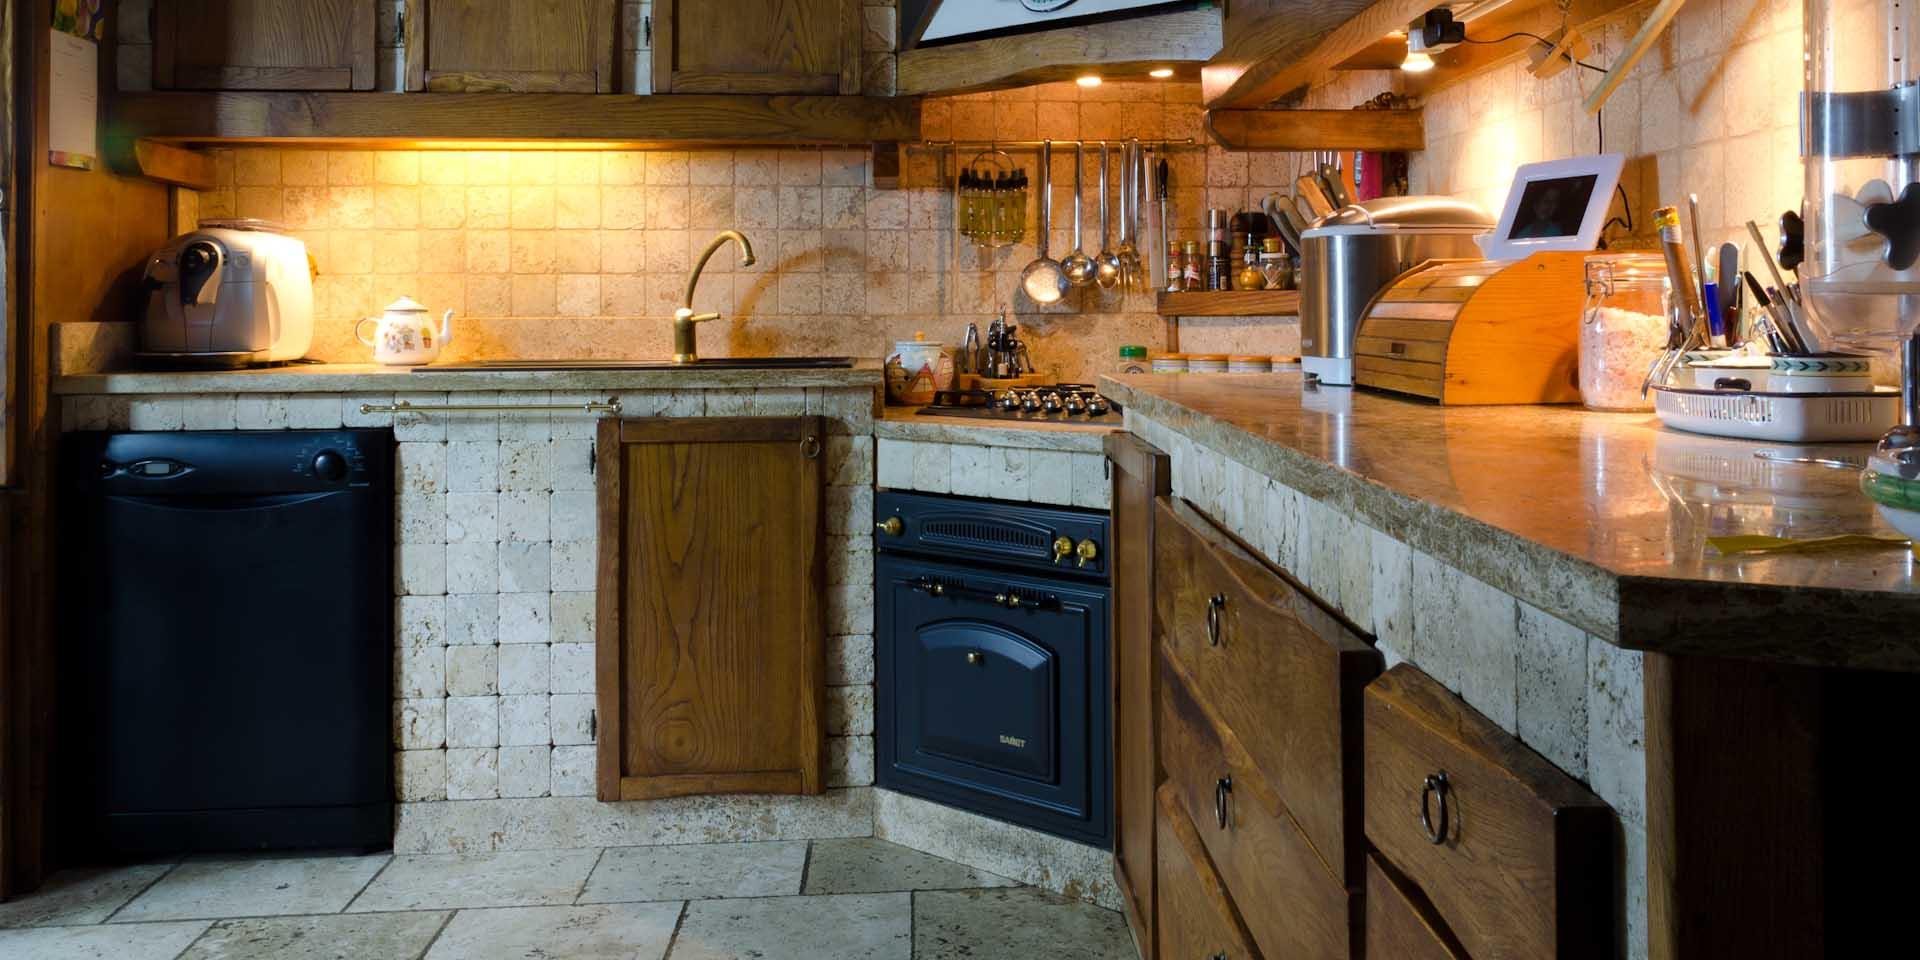 Gemauerte Küche, mit Travertin verkleidet - Pietre di Rapolano